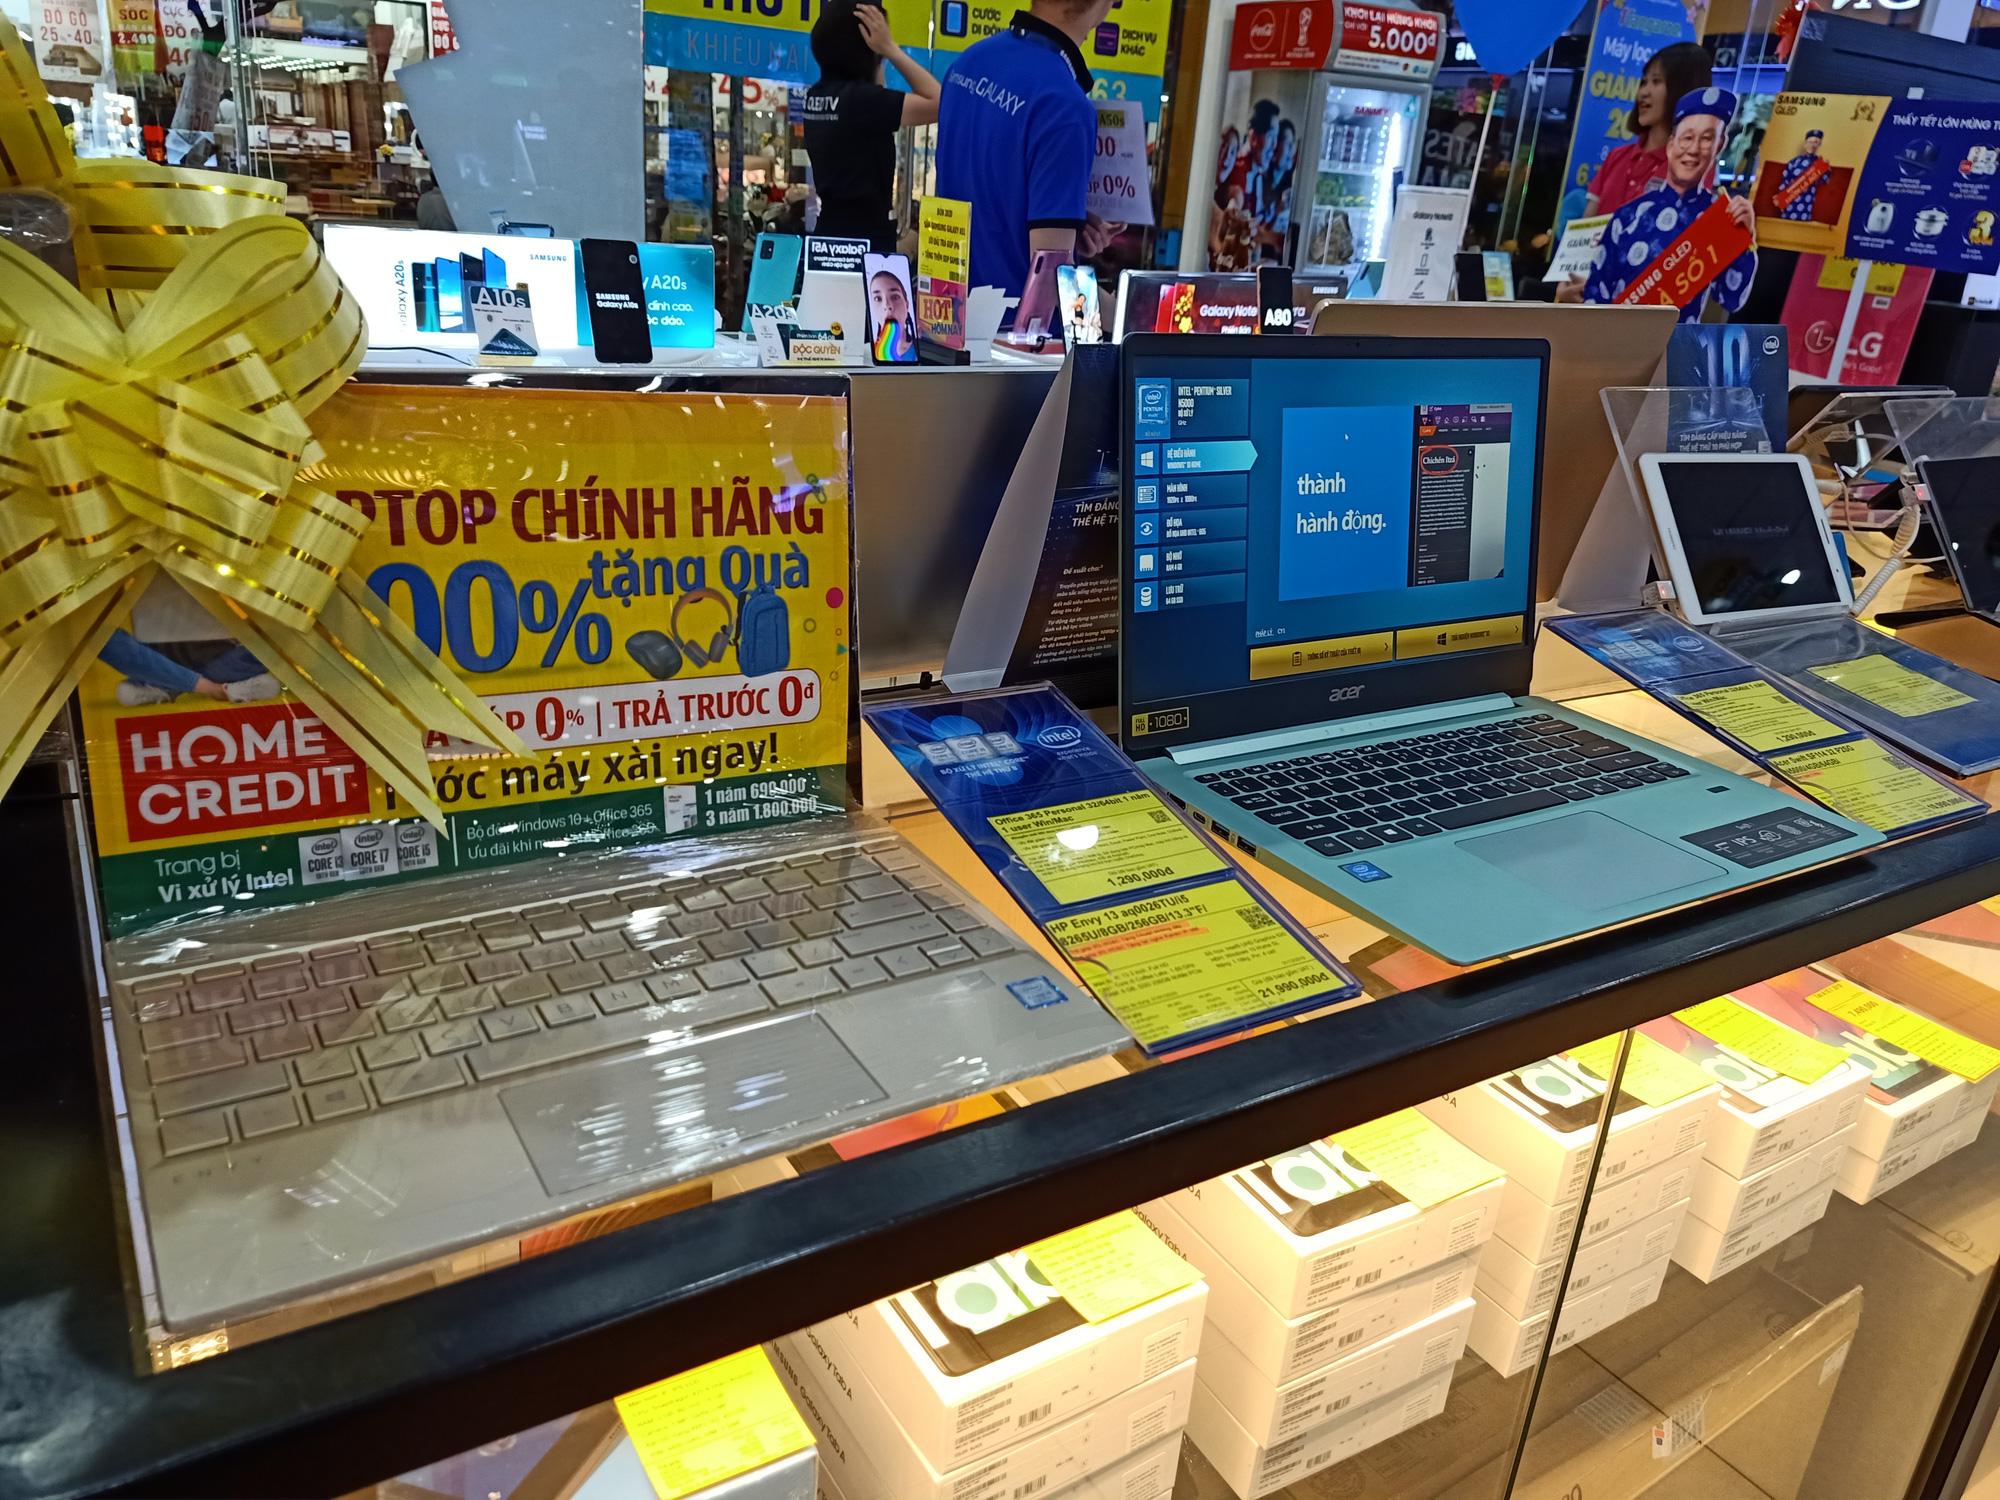 Laptop giảm giá tuần này: Macbook được ưu đãi thêm, máy Windows ưu đãi cho CPU Intel thế hệ 10 - Ảnh 2.